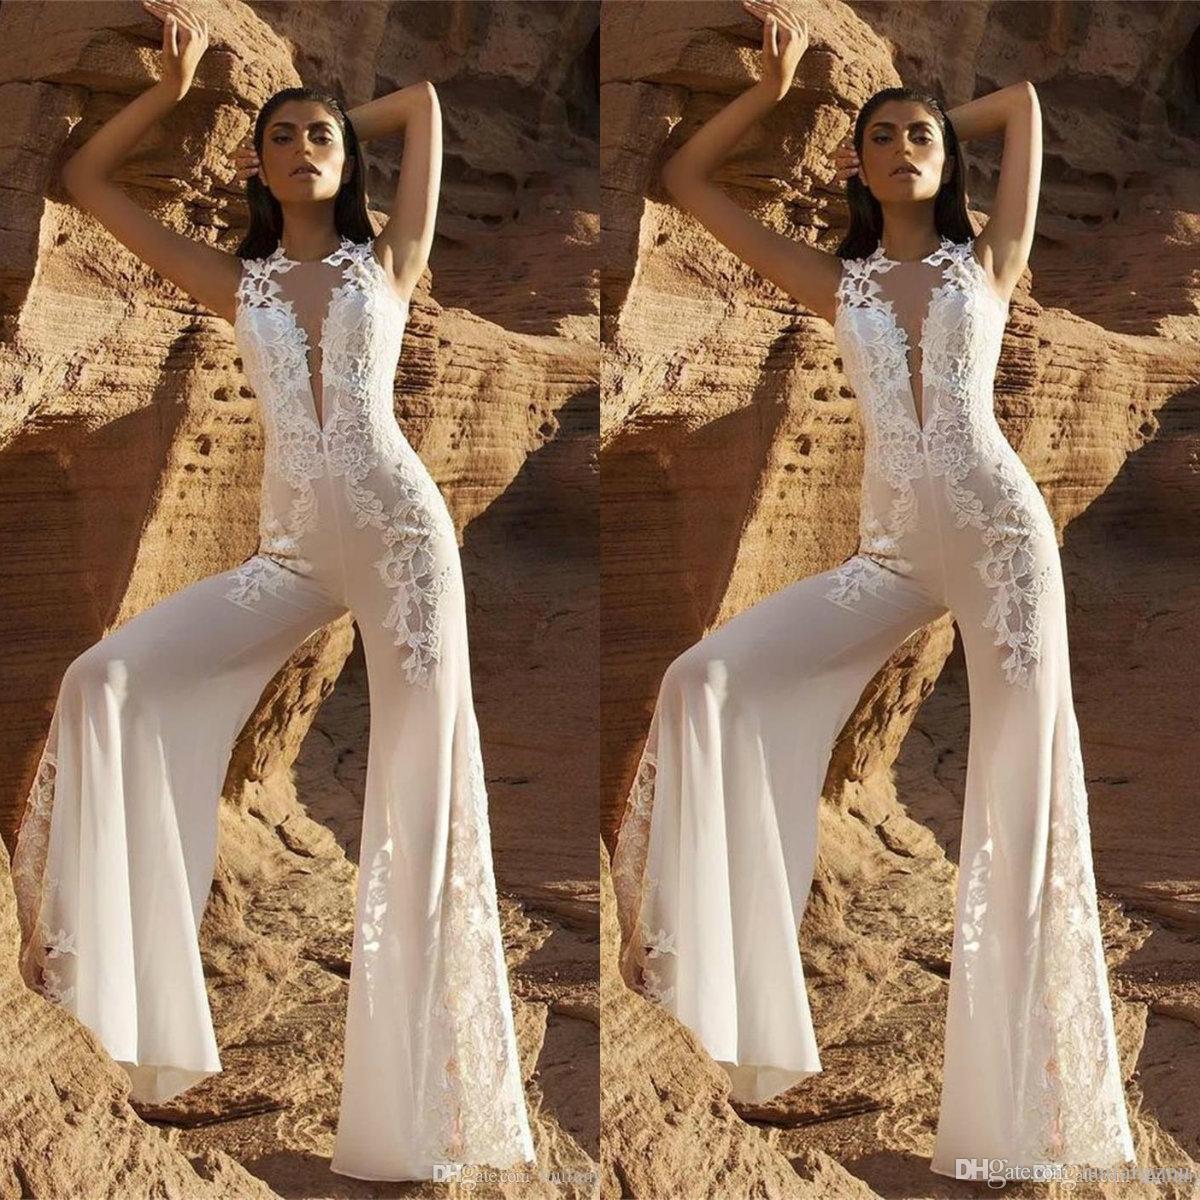 1ce83120f9 Discount Modest Beach Wedding Dresses Women Jumpsuits Sheer Neck Lace  Applique Chiffon Bridal Gowns Custom Made Wedding Dress Wedding Dresses  Vintage ...